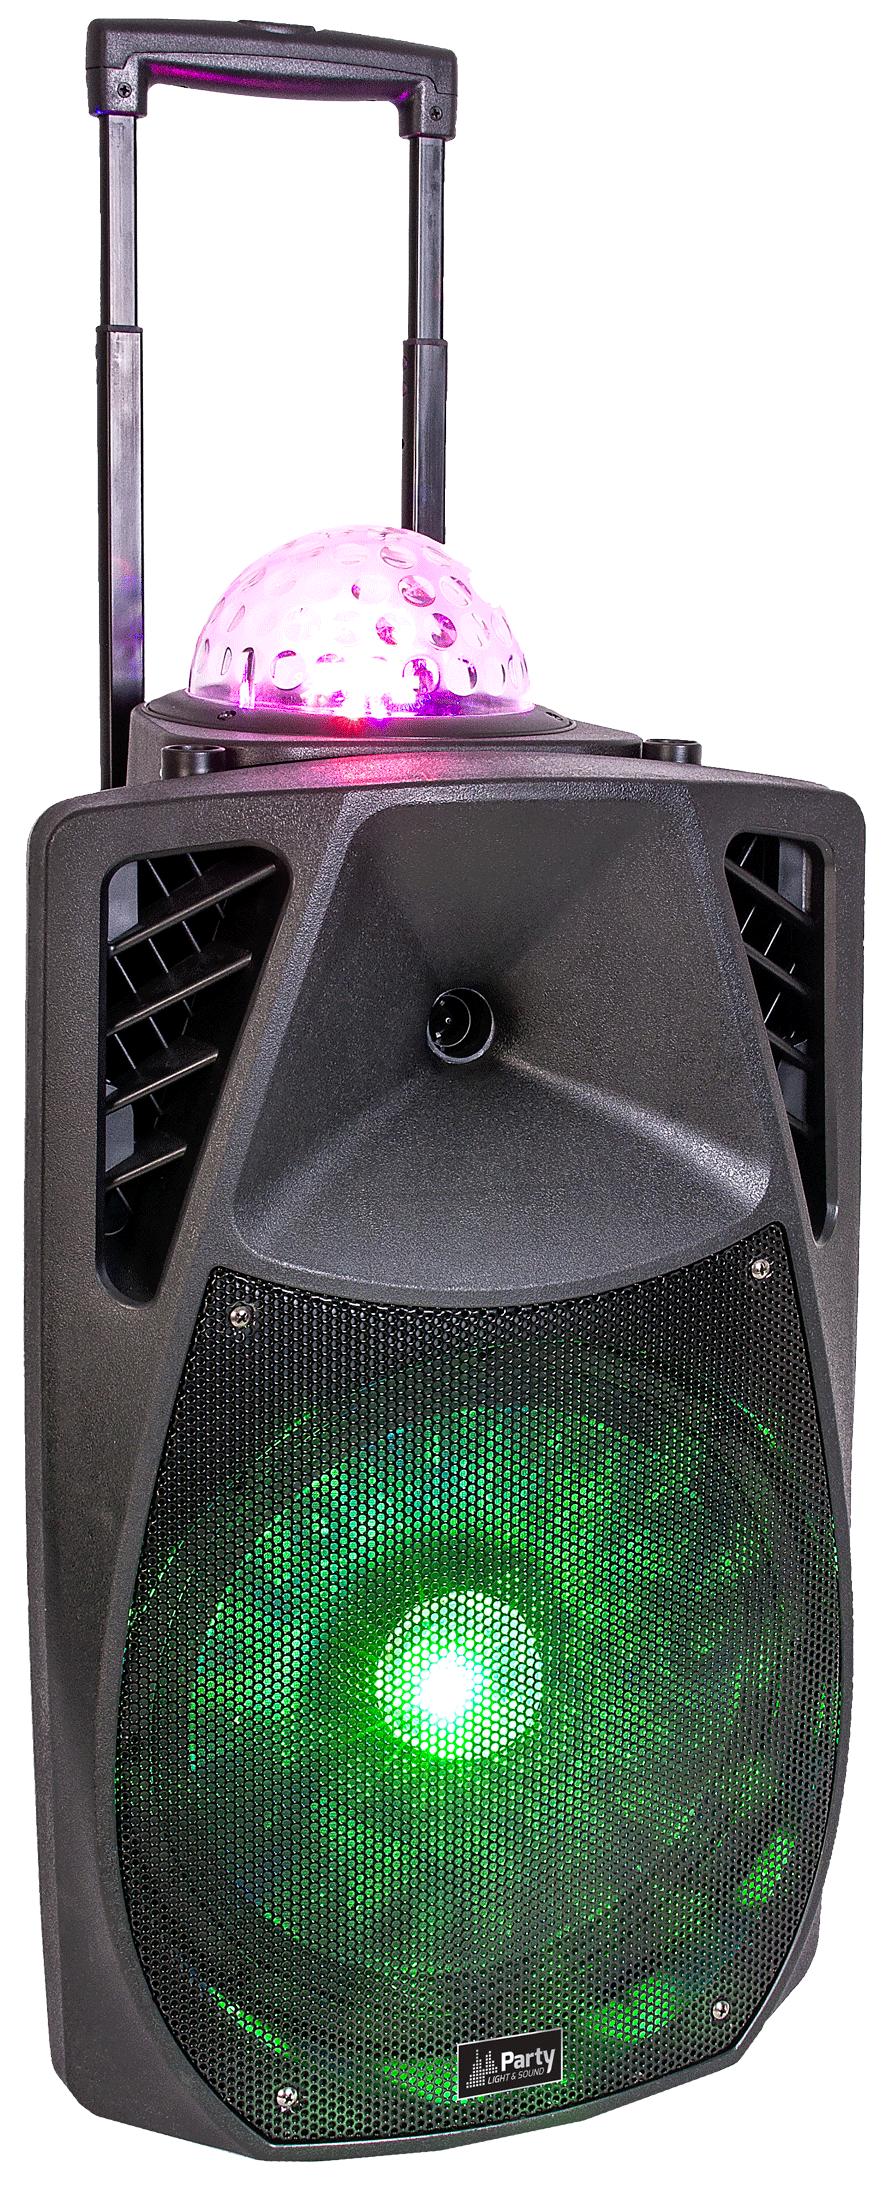 Party Light & Sound transportabel lyd- og lyssystem